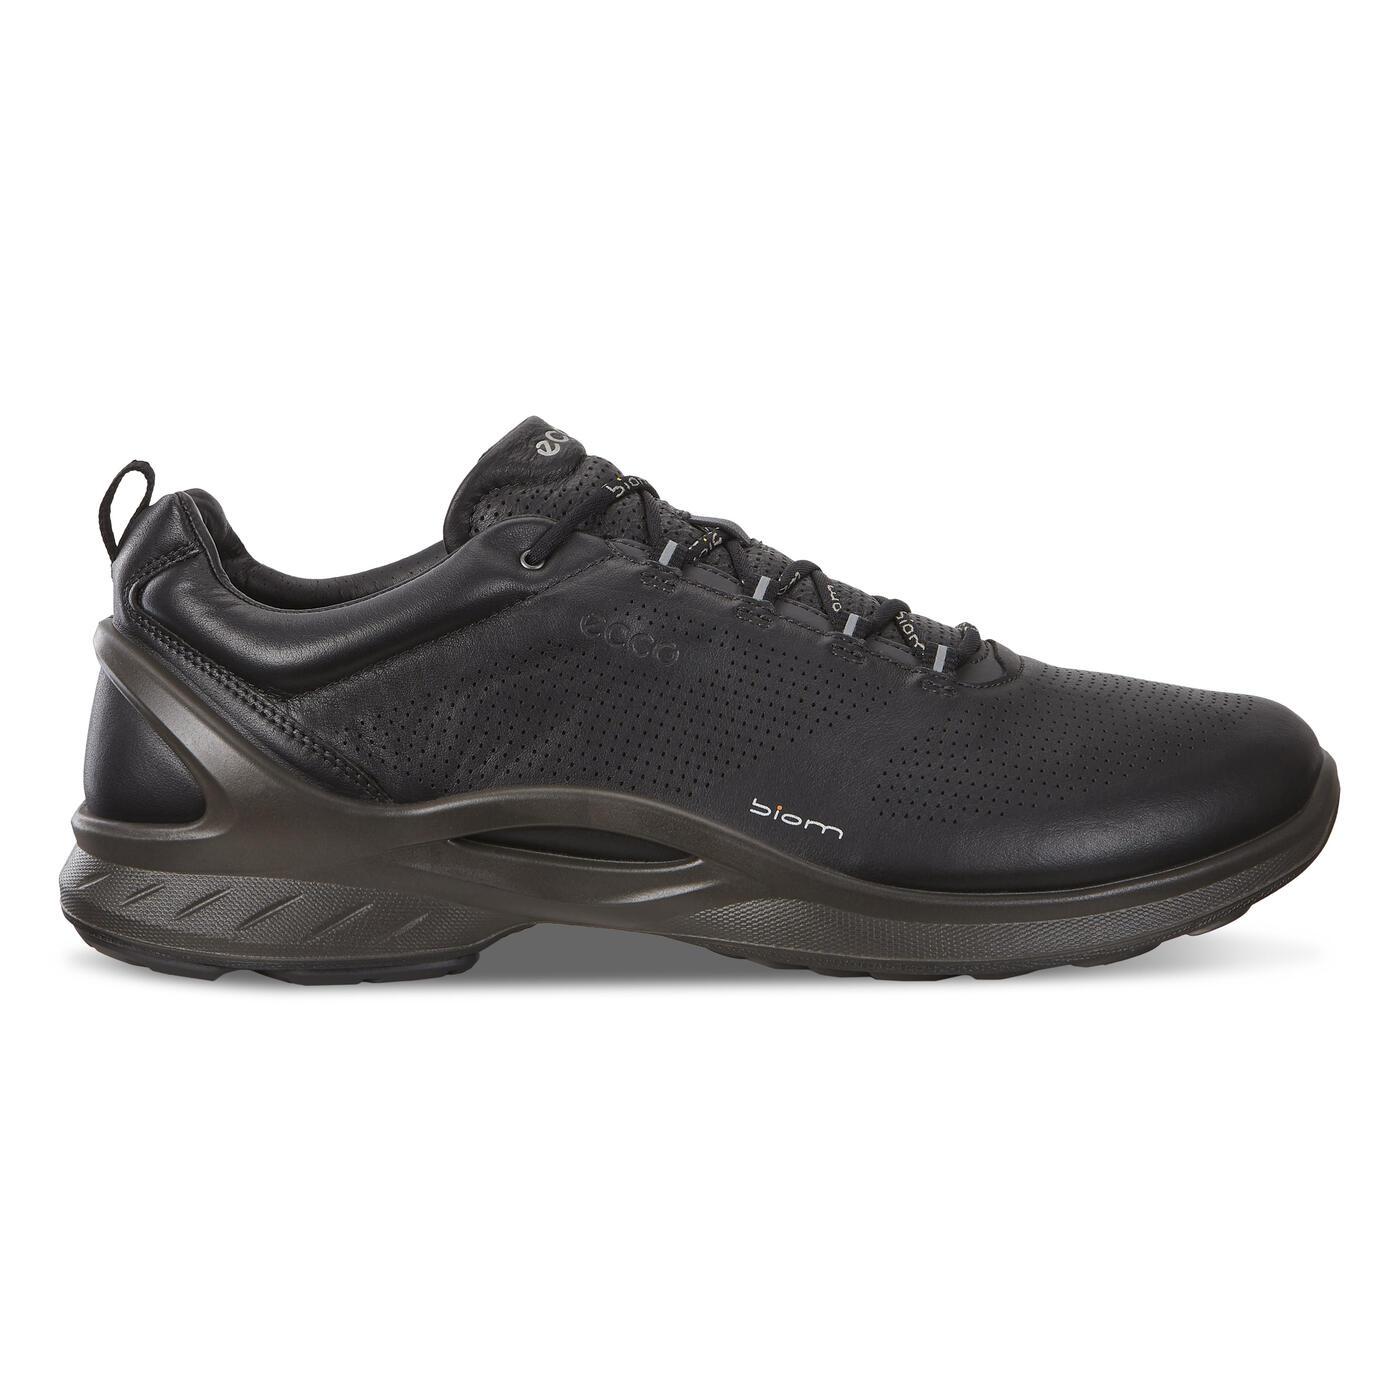 ECCO Biom Fjuel Men's Low Fg Outdoor Shoe